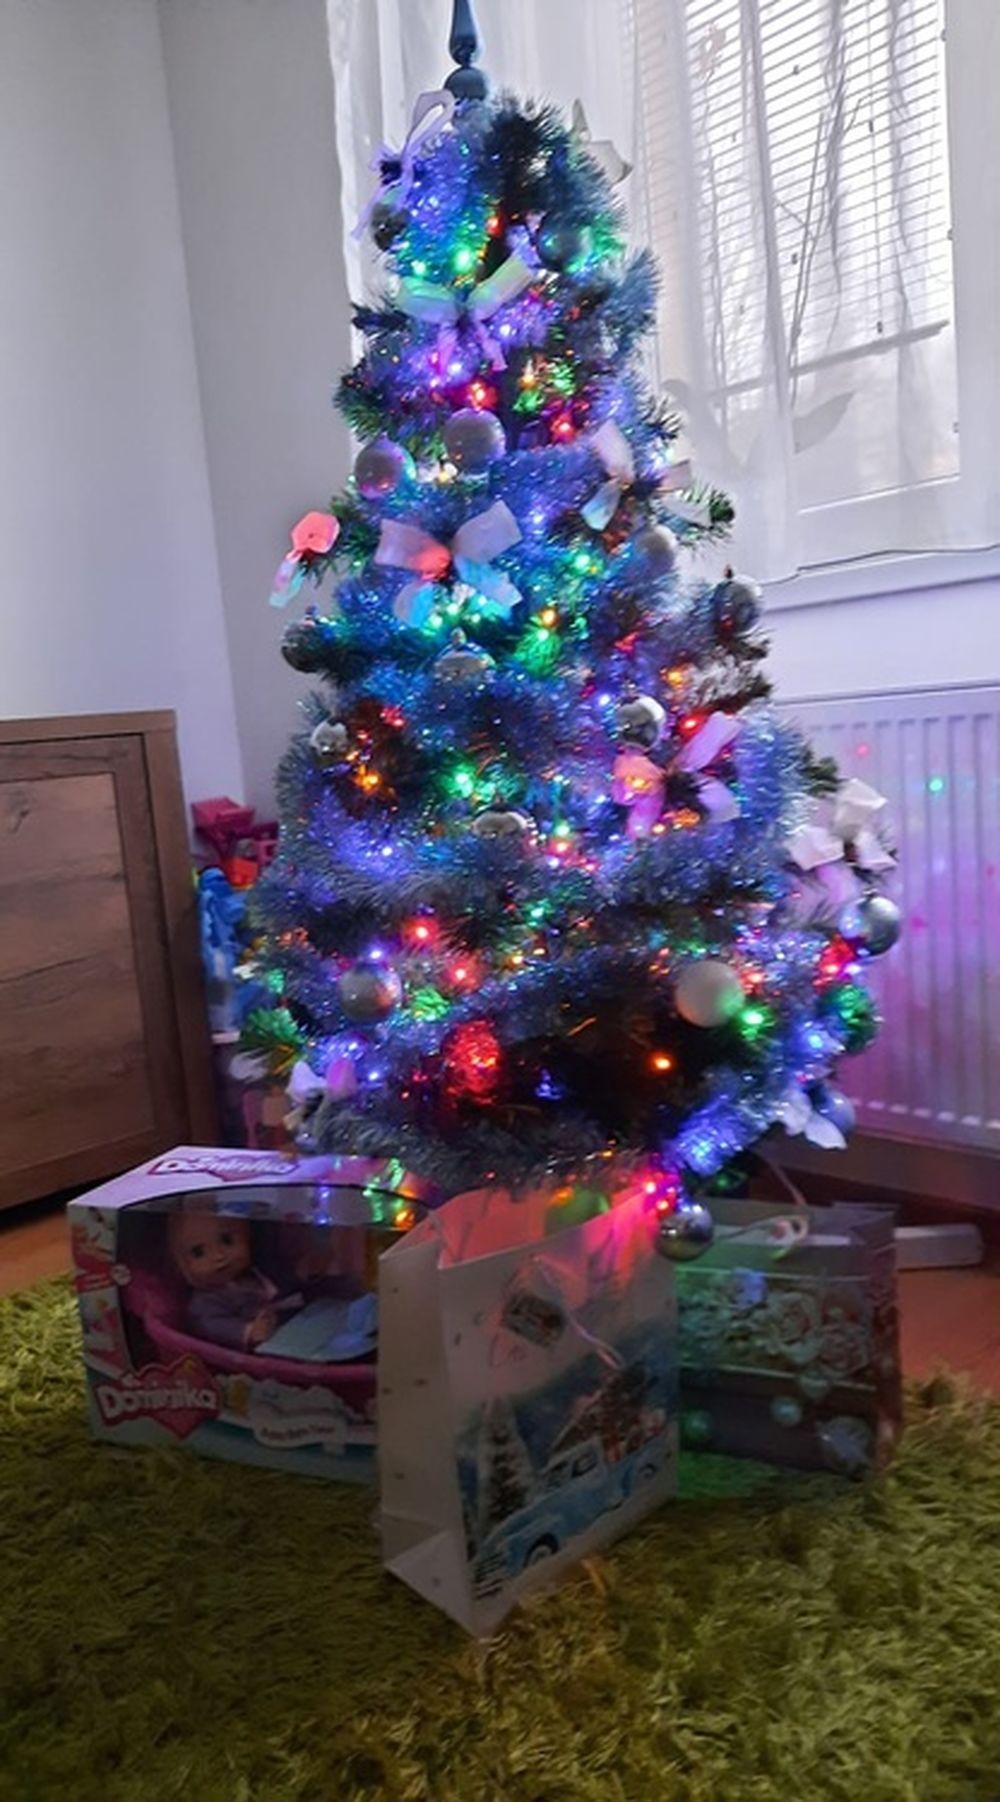 FOTO: Vianočné stromčeky v Žiline - výber fotografií našich čitateľov, foto 14